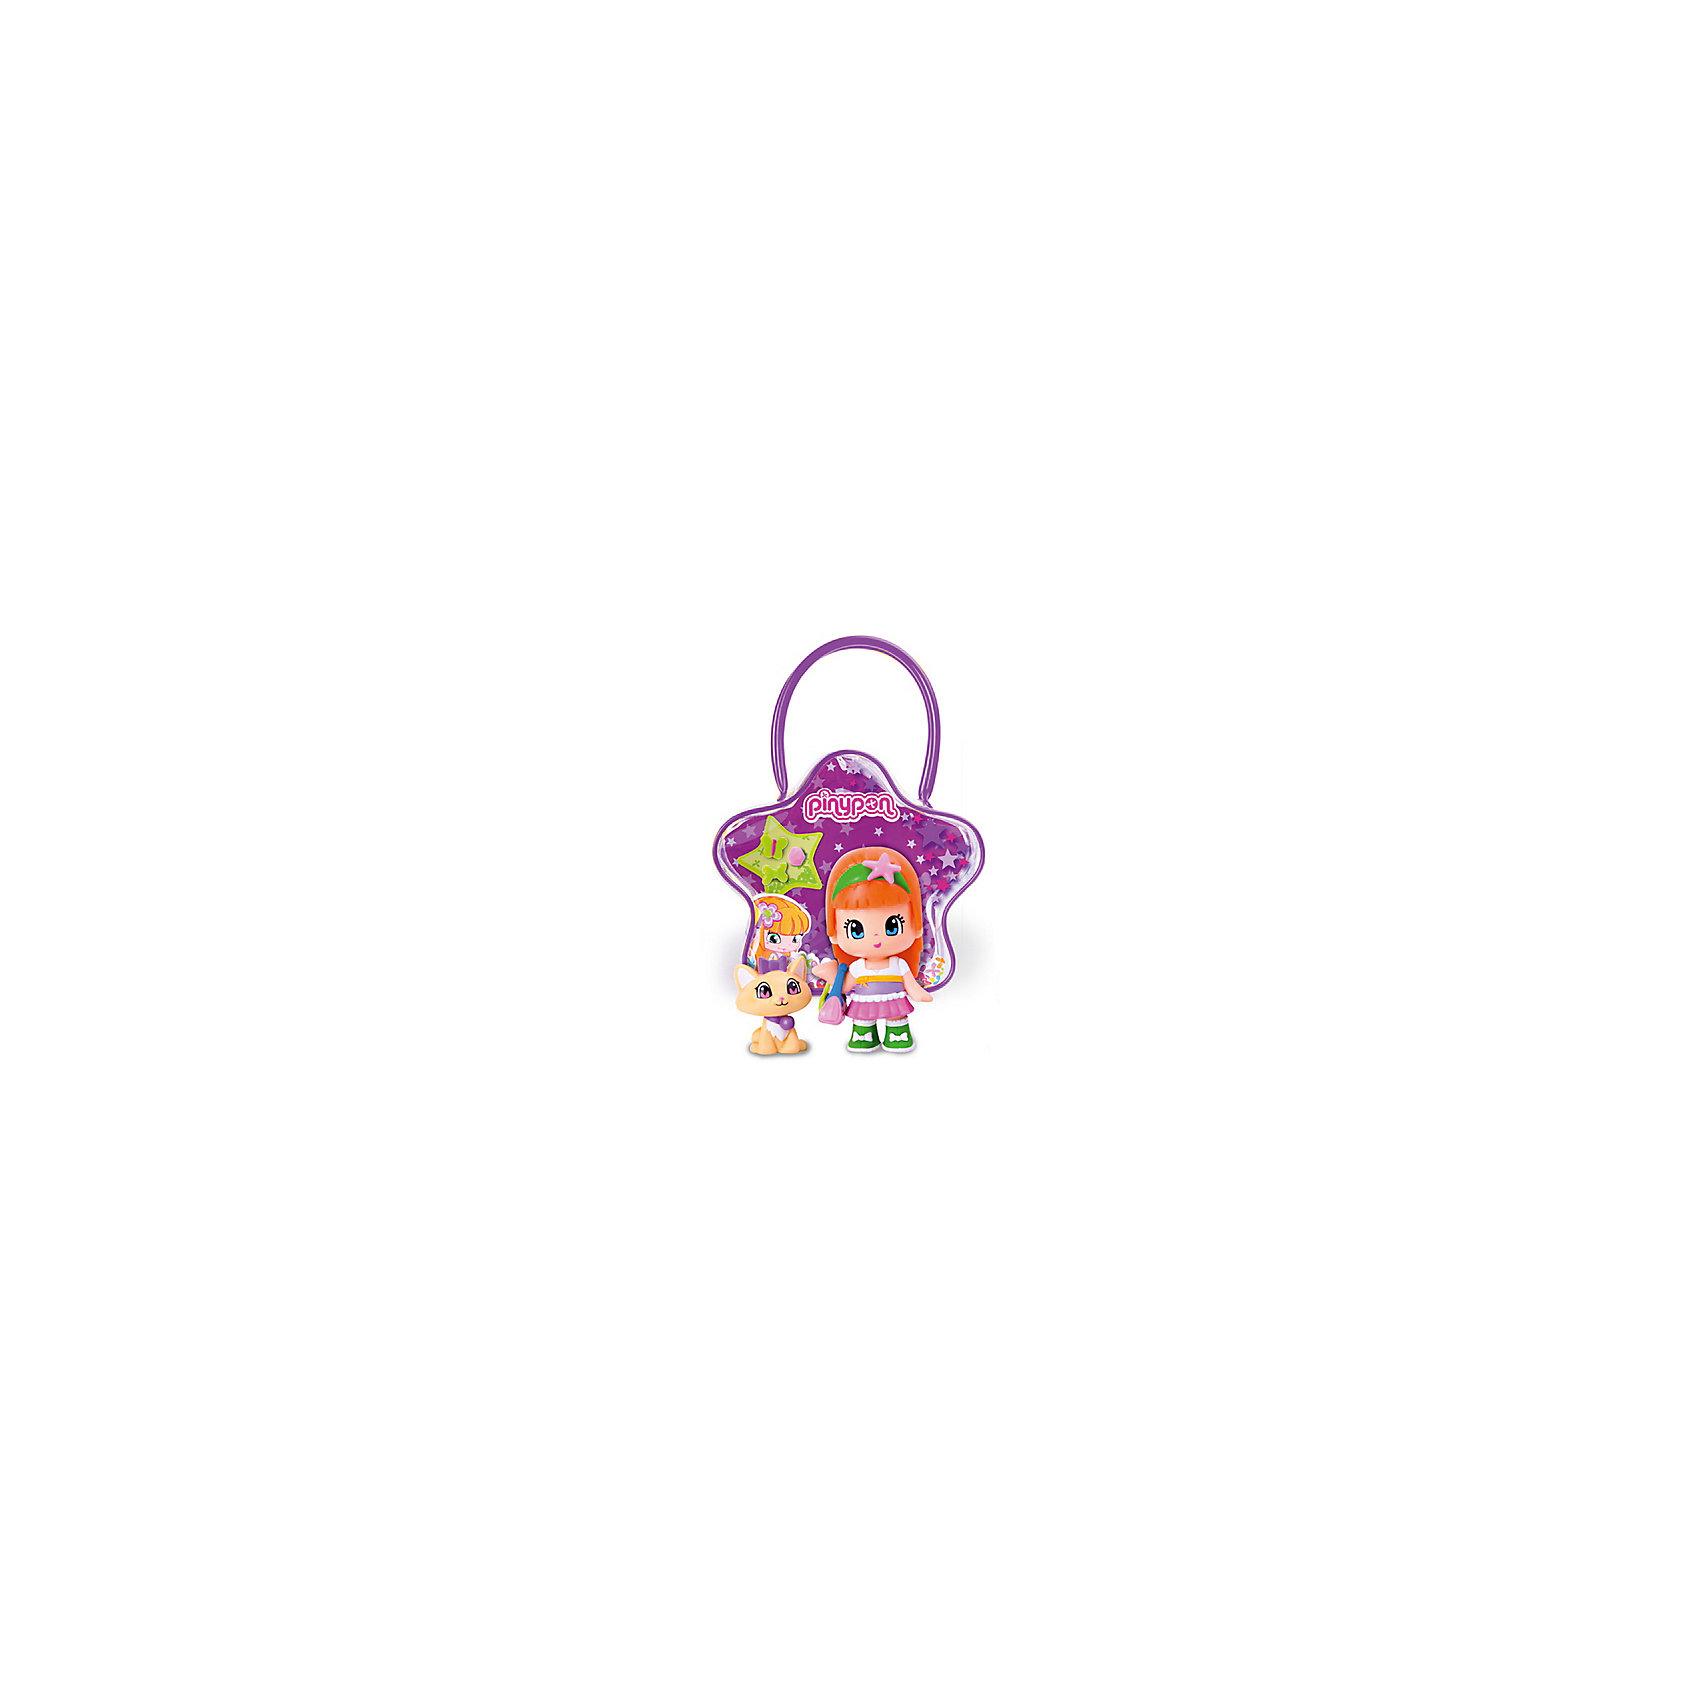 Кукла Пинипон с оранжевыми волосами с кошечкой в сумочке, FamosaБренды кукол<br>Кукла Пинипон с оранжевыми волосами с кошечкой в сумочке, Famosa<br><br>В набор входит:<br><br>-1 куколка<br>-питомец-кошечка<br>-аксессуары<br>-сумочка<br><br>Характеристики:<br><br>-Возраст: от 4 лет<br>-Для девочек<br>-Высота куклы: 7 см<br>-Материал: пластик<br>-Марка: Famosa(Фамоса)<br><br>С куклой Пинипон с оранжевыми волосами с кошечкой в сумочке, Famosa игры станут ещё интереснее, ведь у нее есть свой питомец-кошечка. Благодаря аксессуарам, девочка сможет заплести яркие волосы куклы.<br>Ребёнок легко сможет поместить игрушки в маленькую сумочку и сможет играть с ними не только дома. Все изделия изготовлены из качественного материала, поэтому абсолютно безопасны для детей.<br><br>Кукла Пинипон с оранжевыми волосами с кошечкой в сумочке, Famosa можно приобрести в нашем интернет-магазине.<br><br>Ширина мм: 220<br>Глубина мм: 50<br>Высота мм: 180<br>Вес г: 188<br>Возраст от месяцев: 48<br>Возраст до месяцев: 120<br>Пол: Женский<br>Возраст: Детский<br>SKU: 5115718